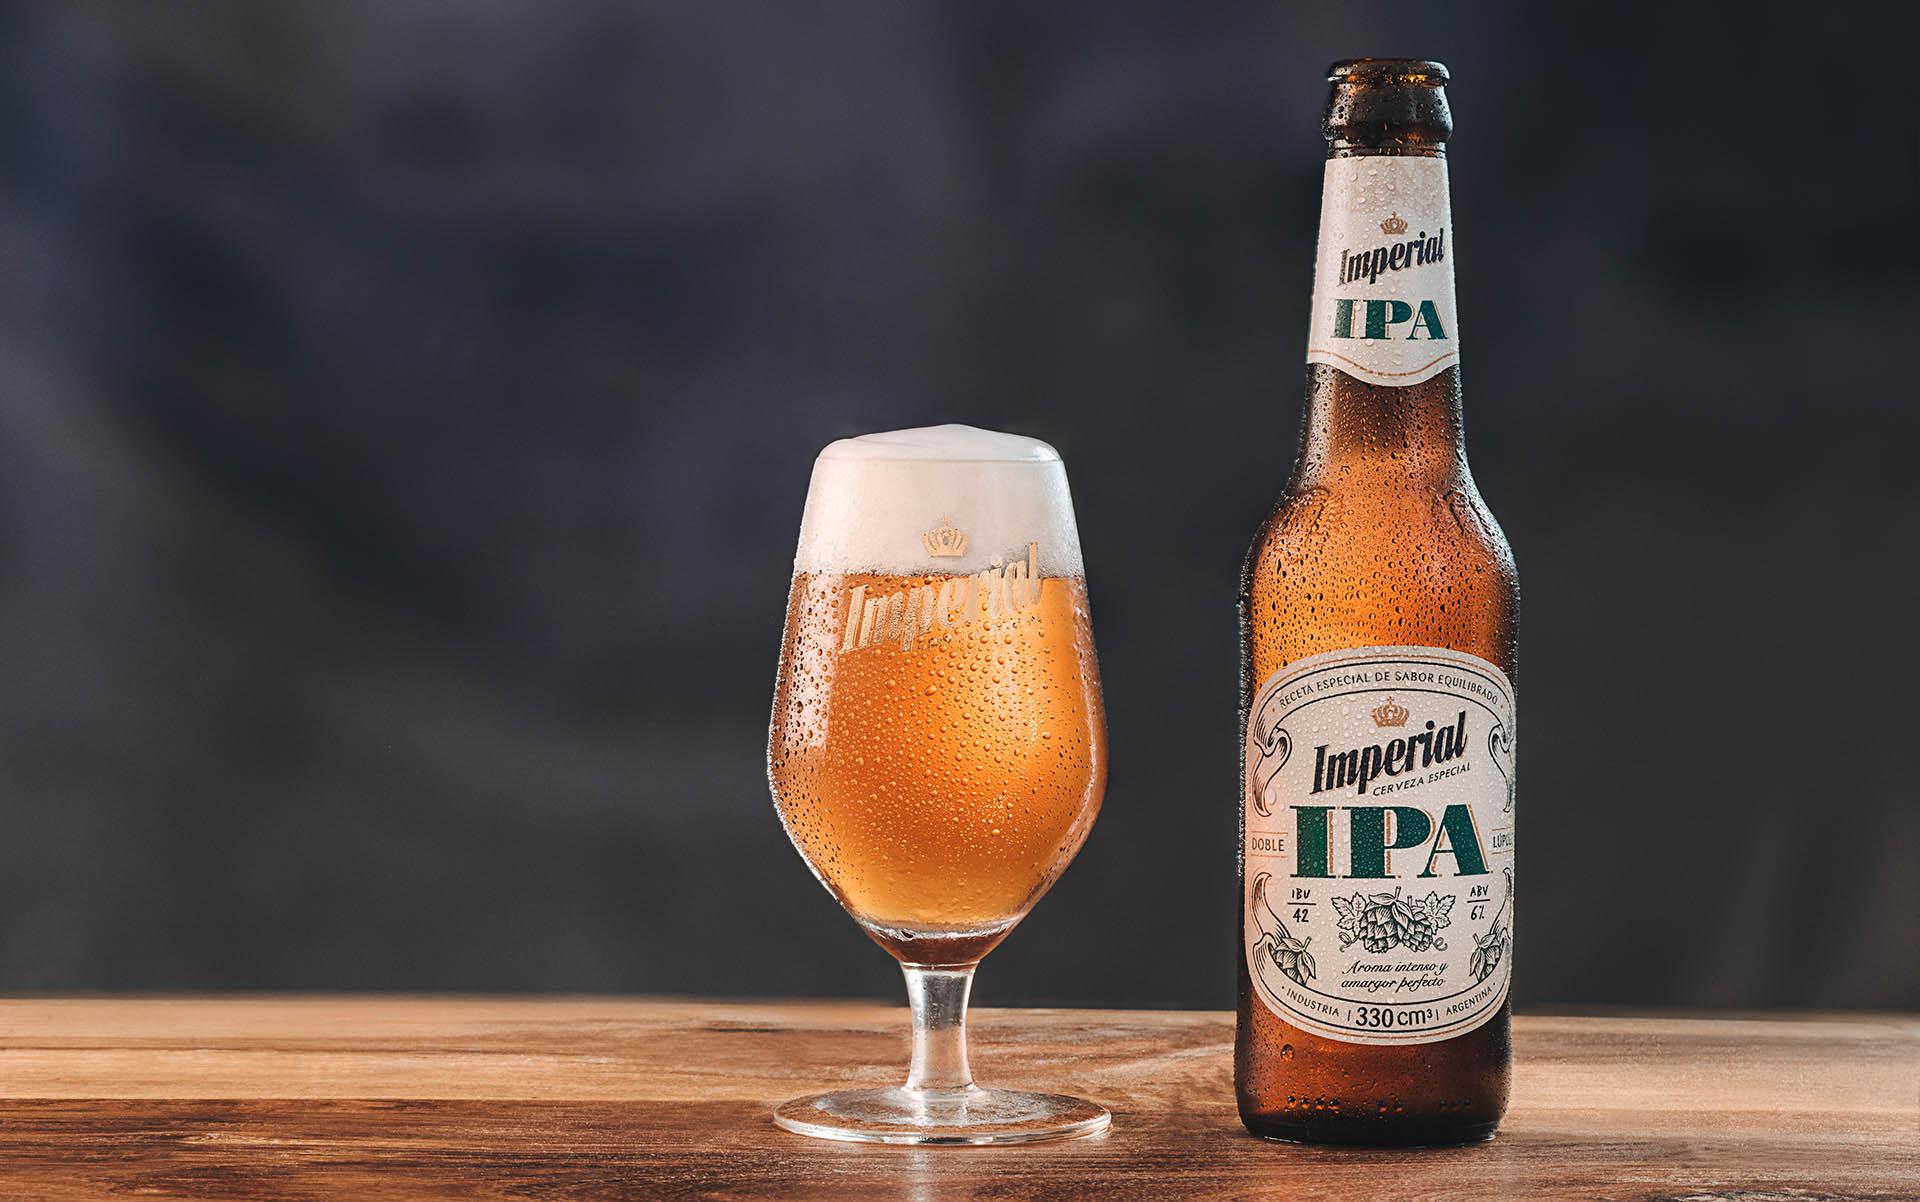 Doble lúpulo y un amargor ideal. Los maestros cerveceros de Imperial recomiendan maridarla con comidas especiadas y picantes.